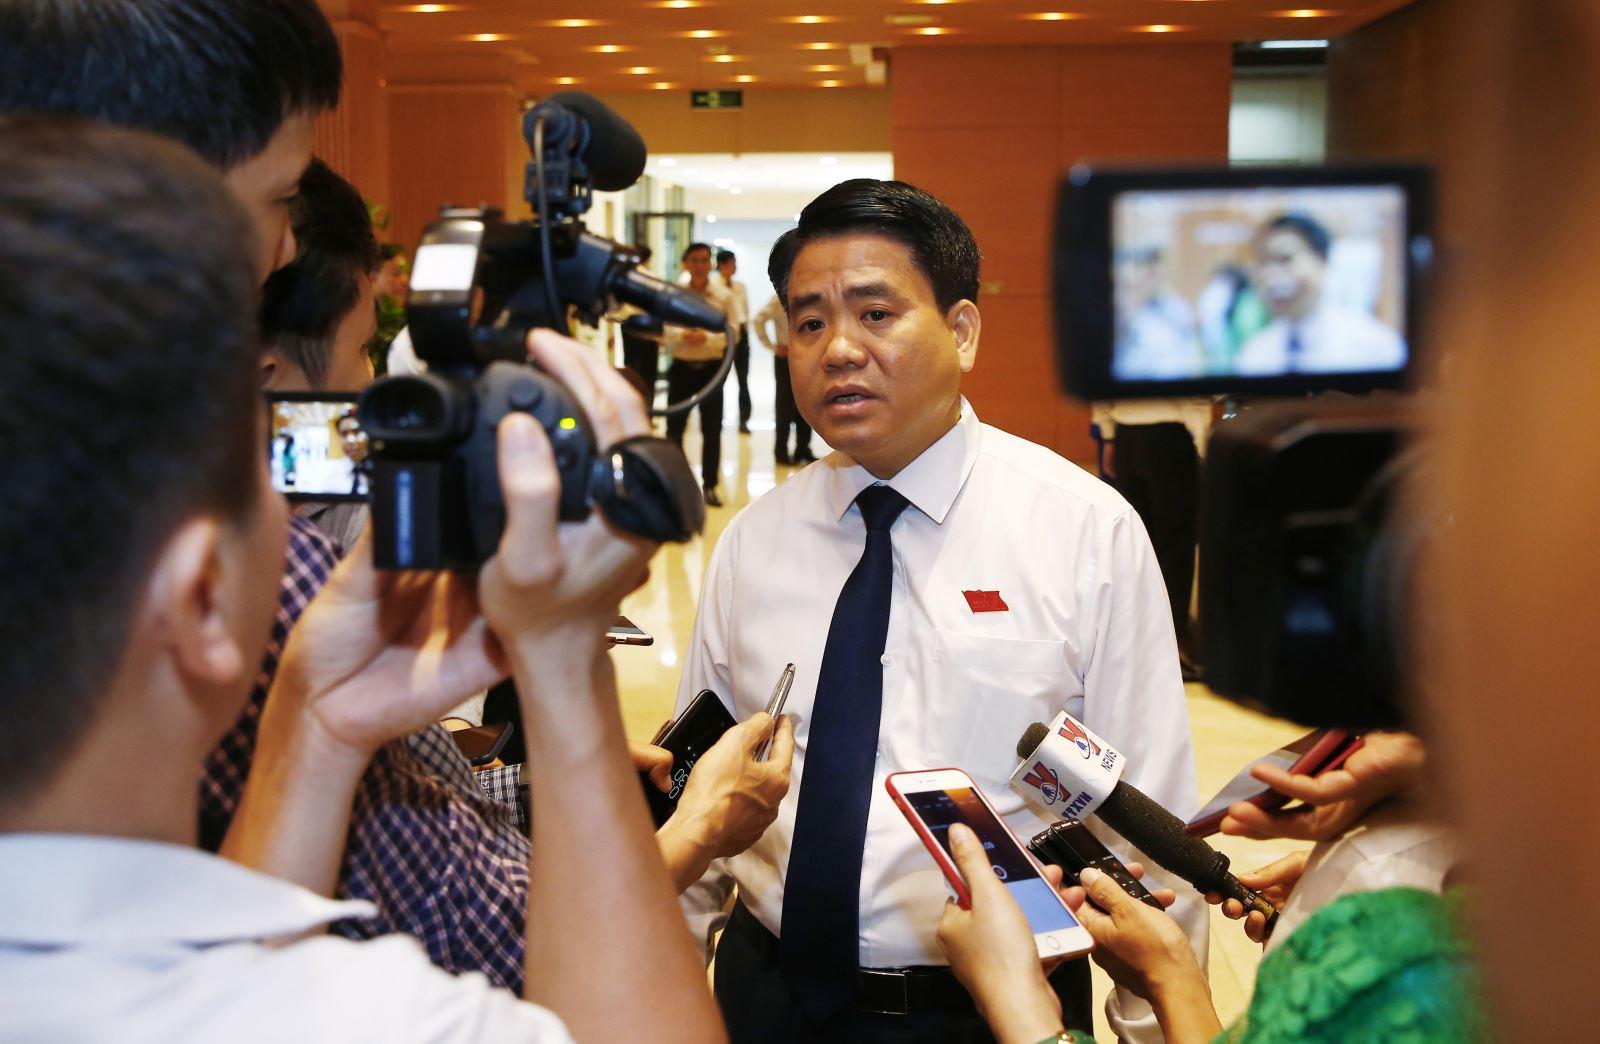 Vụ Nhật Cường, ông Nguyễn Đức Chung nói chờ cơ quan điều tra kết luận - Hình 1